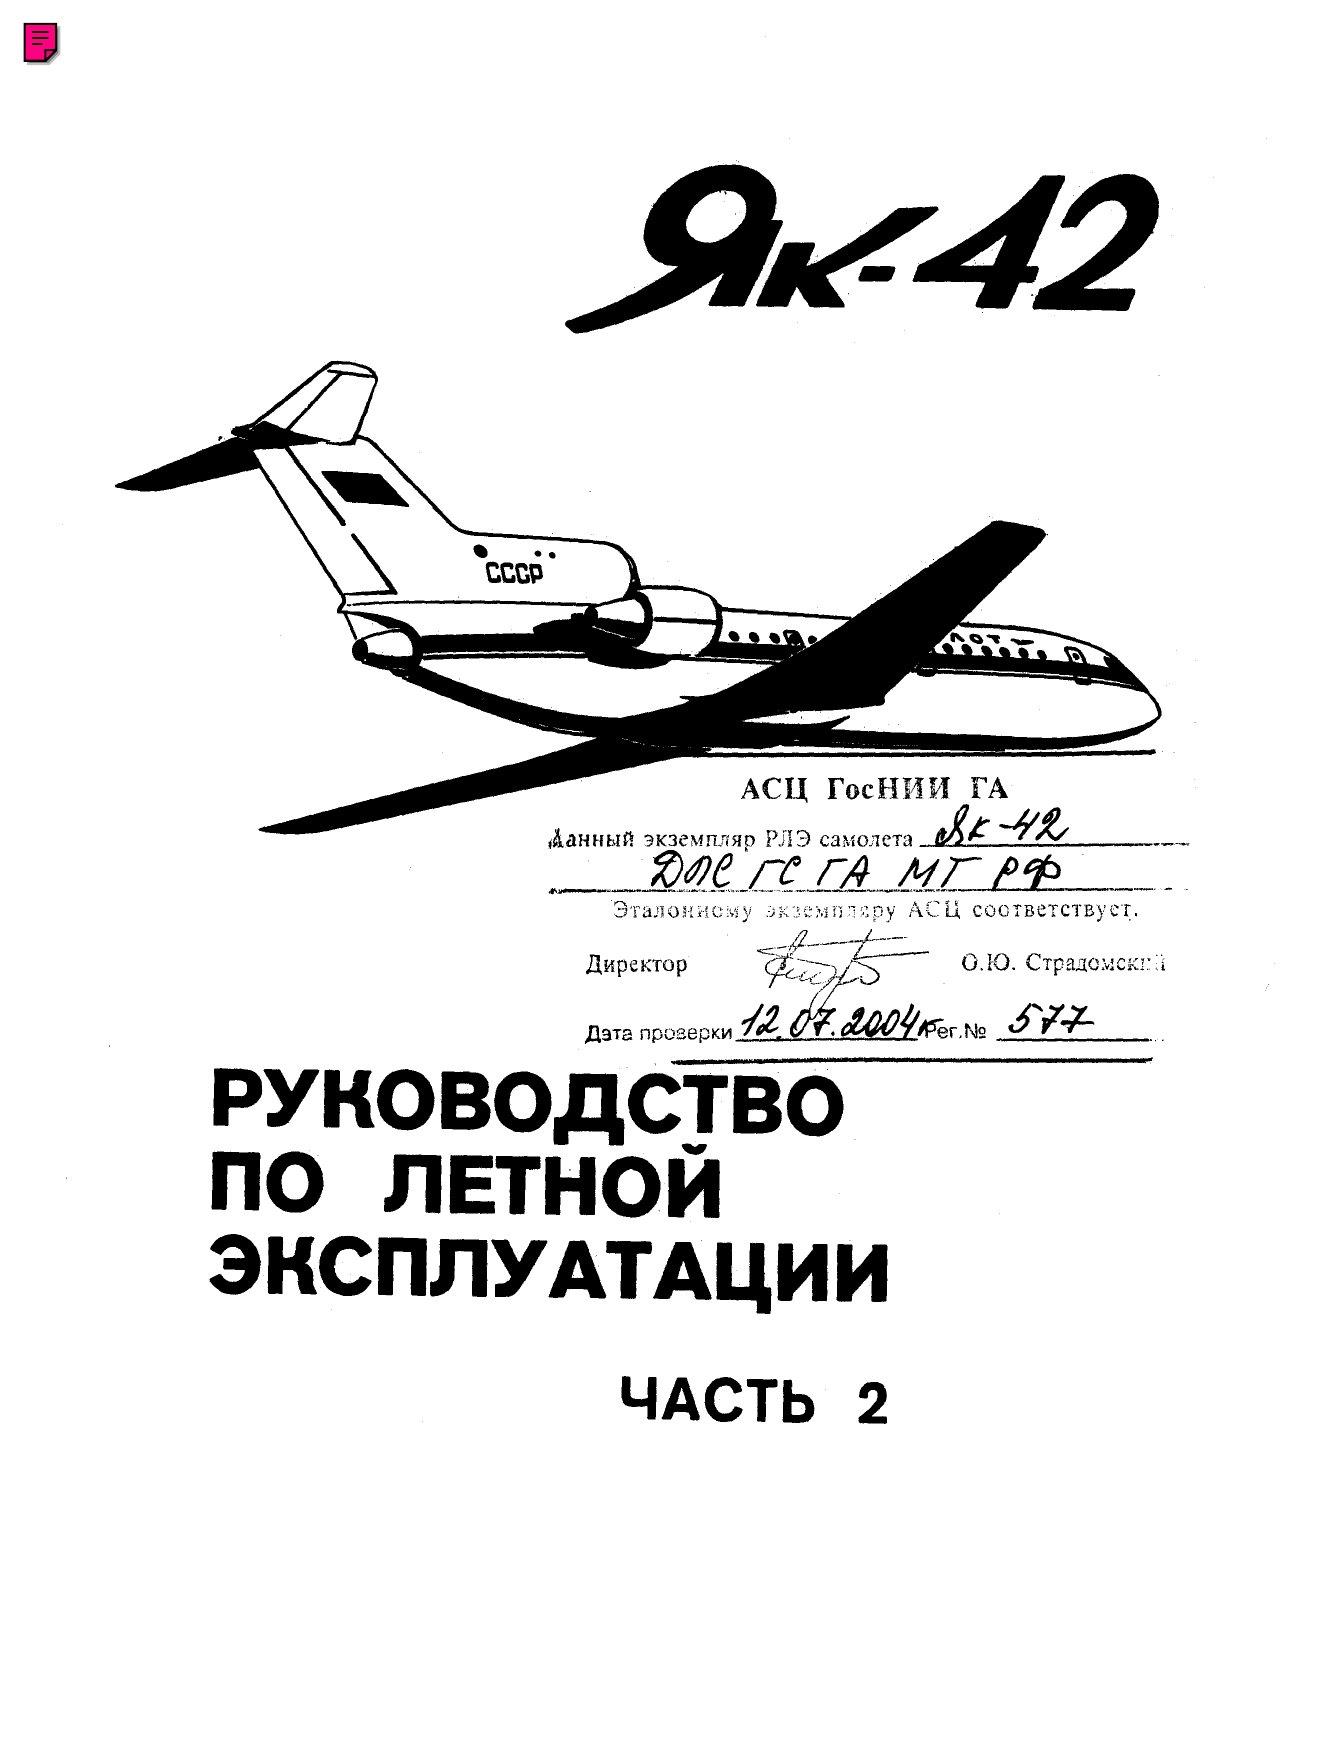 Руководство по летной эксплуатации Як-42. (2-я часть из 2)